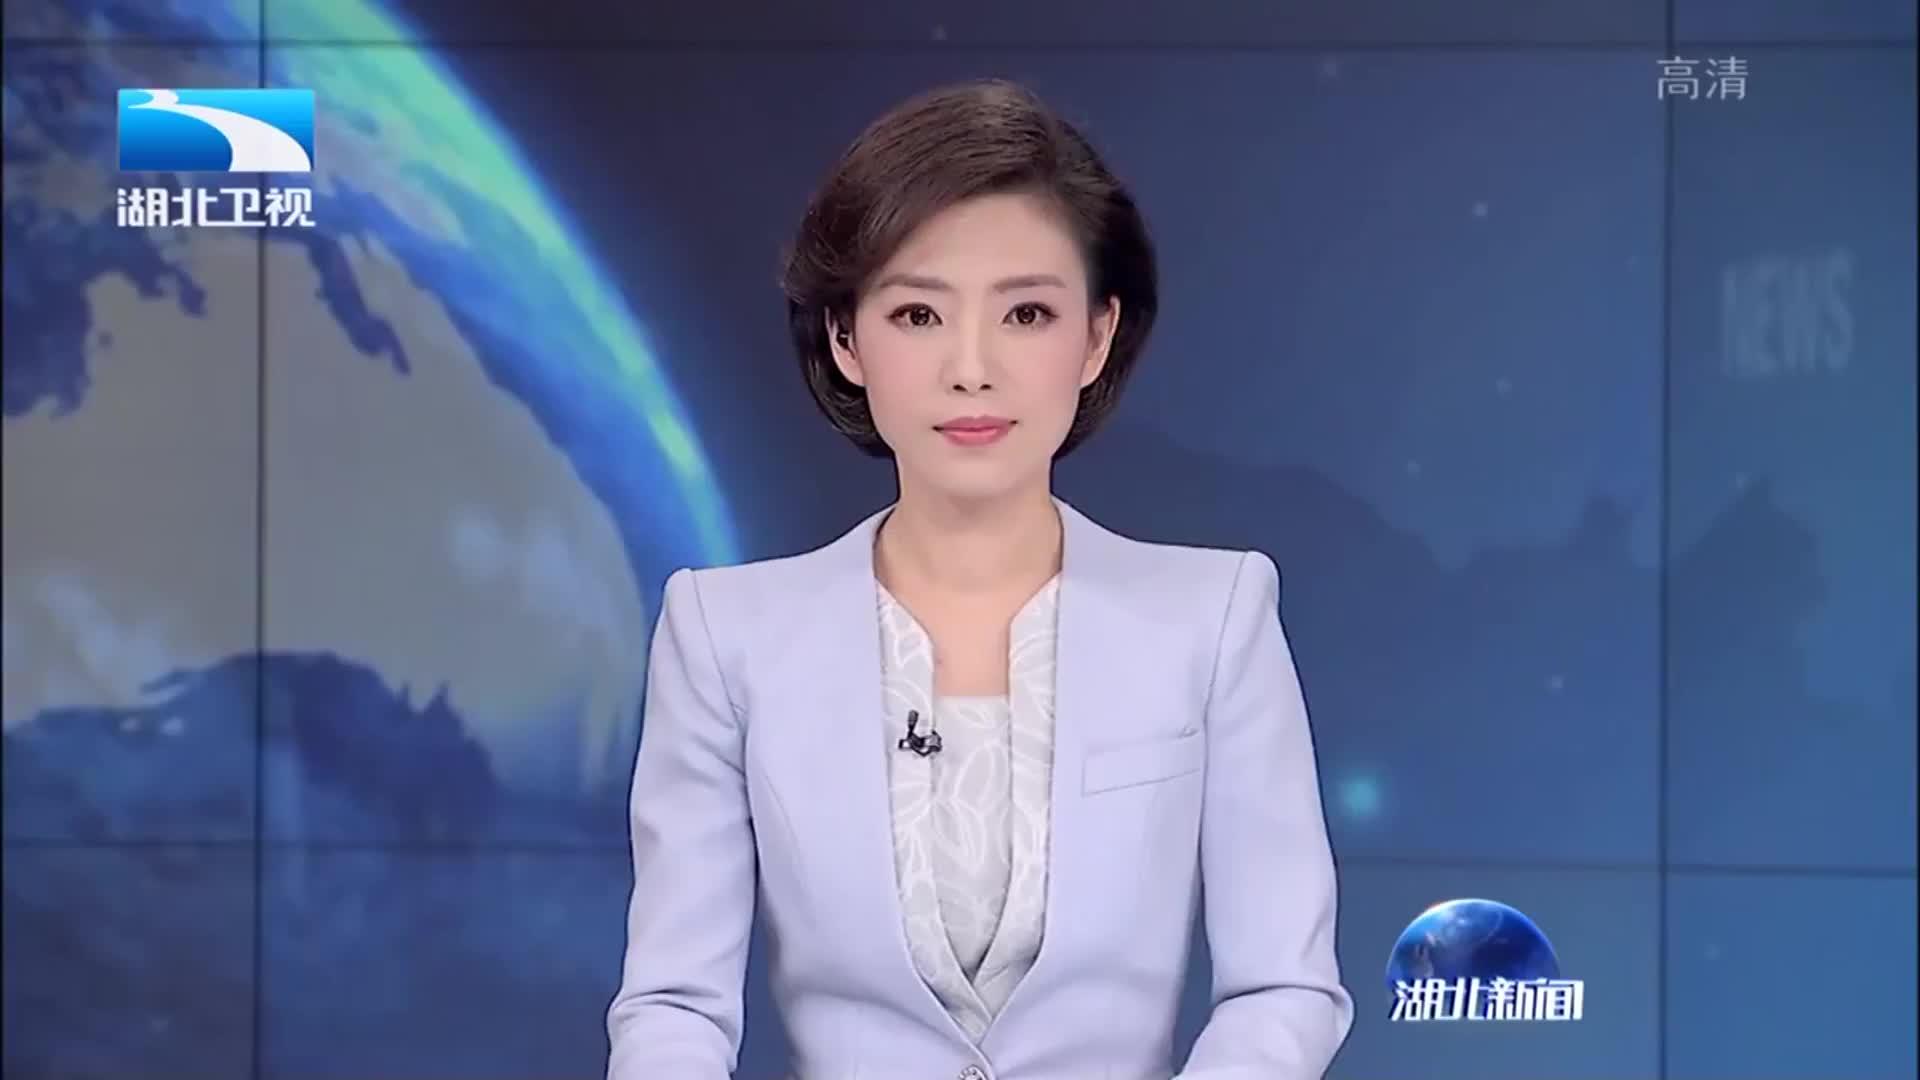 中国共产党纪律建设历史陈列馆今天开馆.mp4